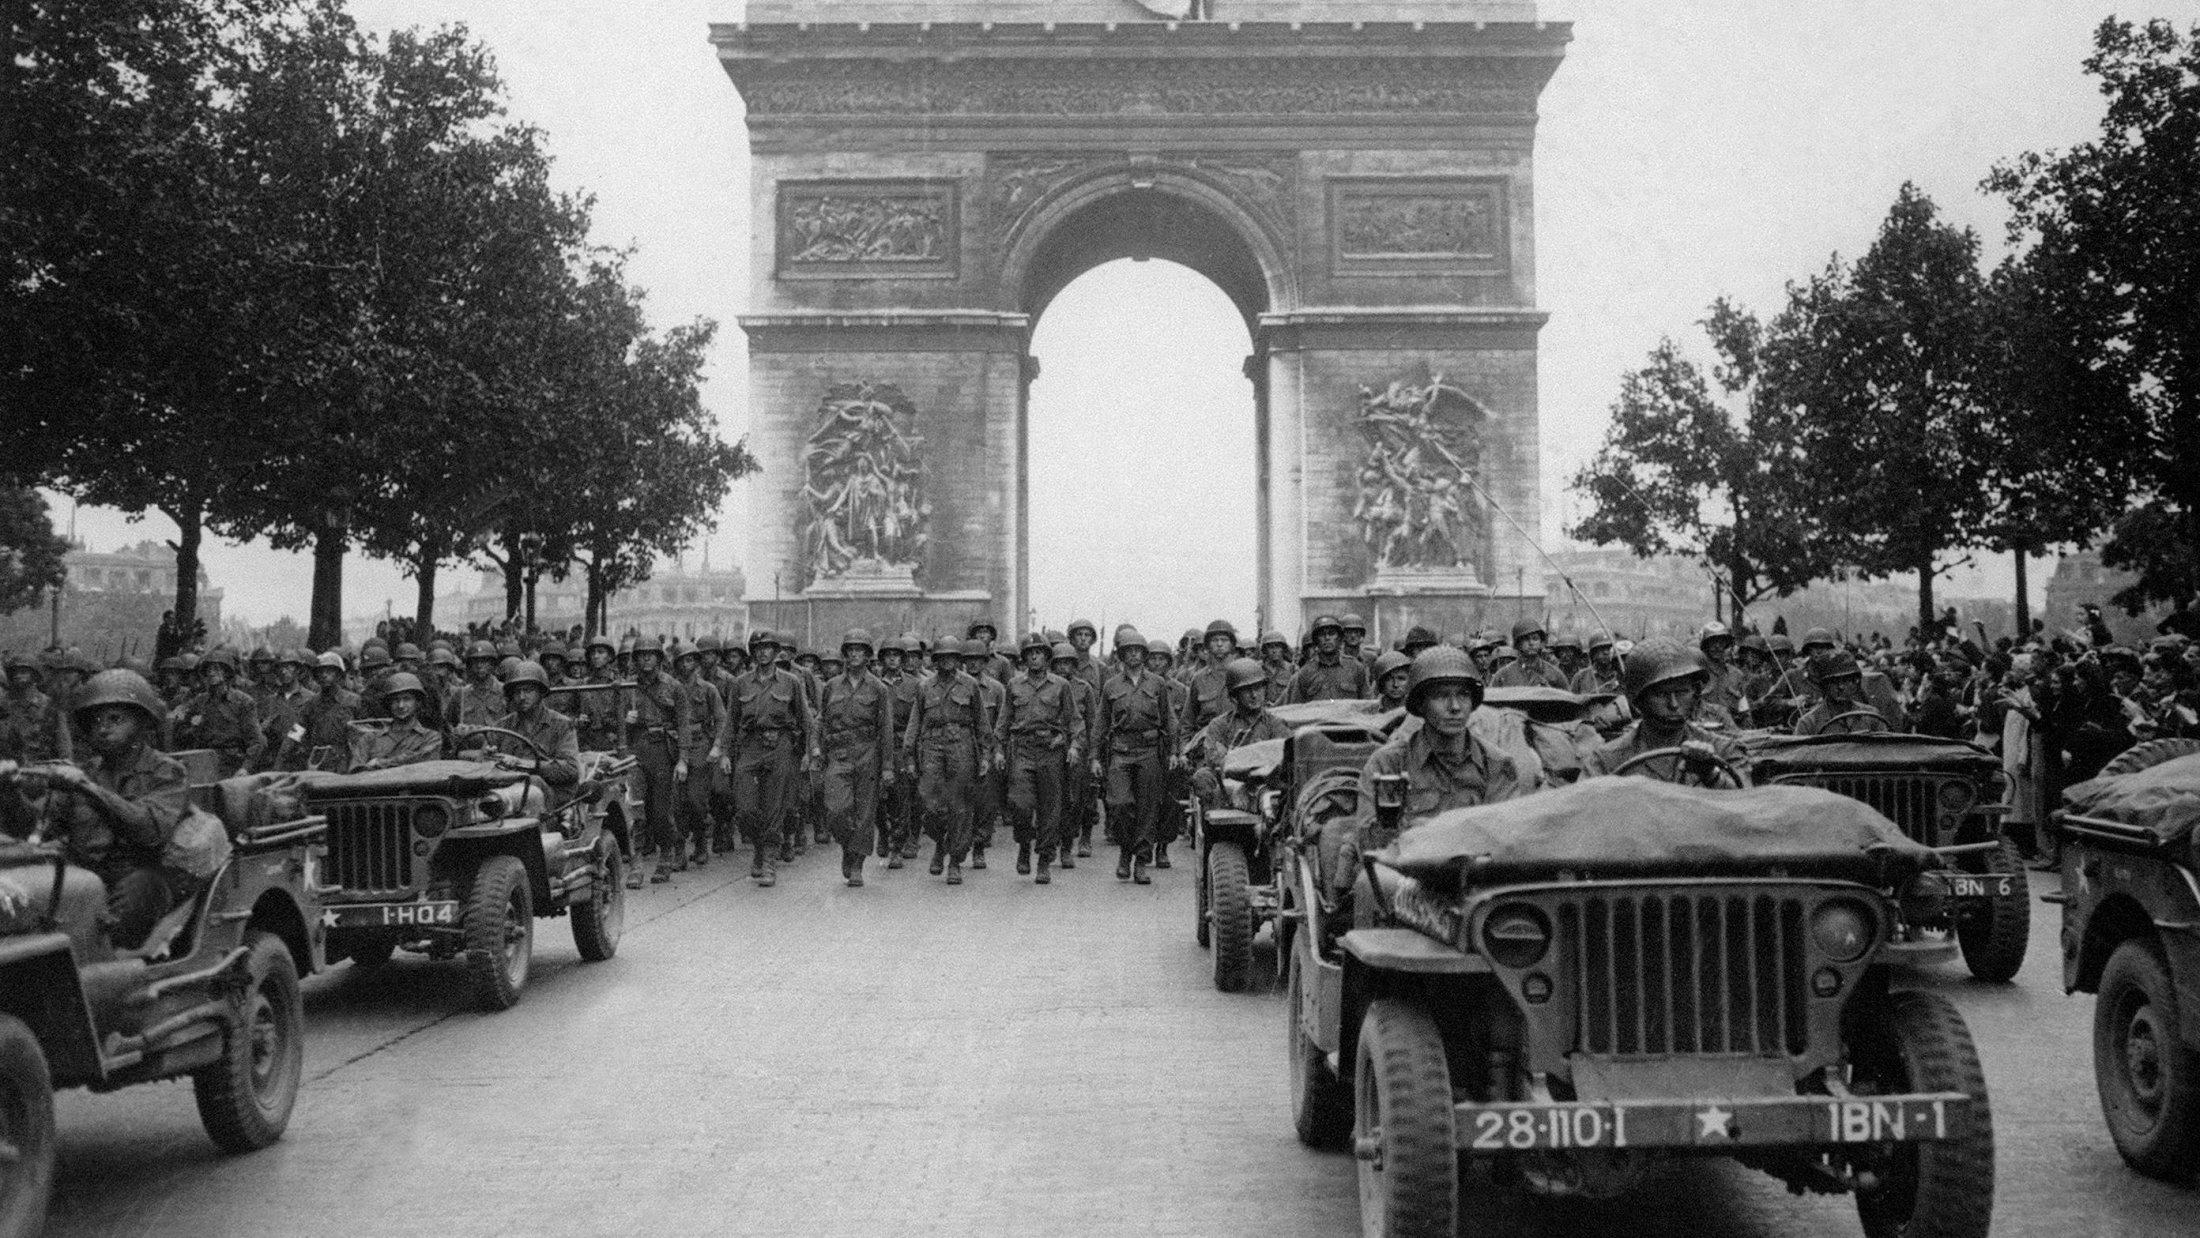 После военная Франция нуждалась в технологический прорывах в области строительства.